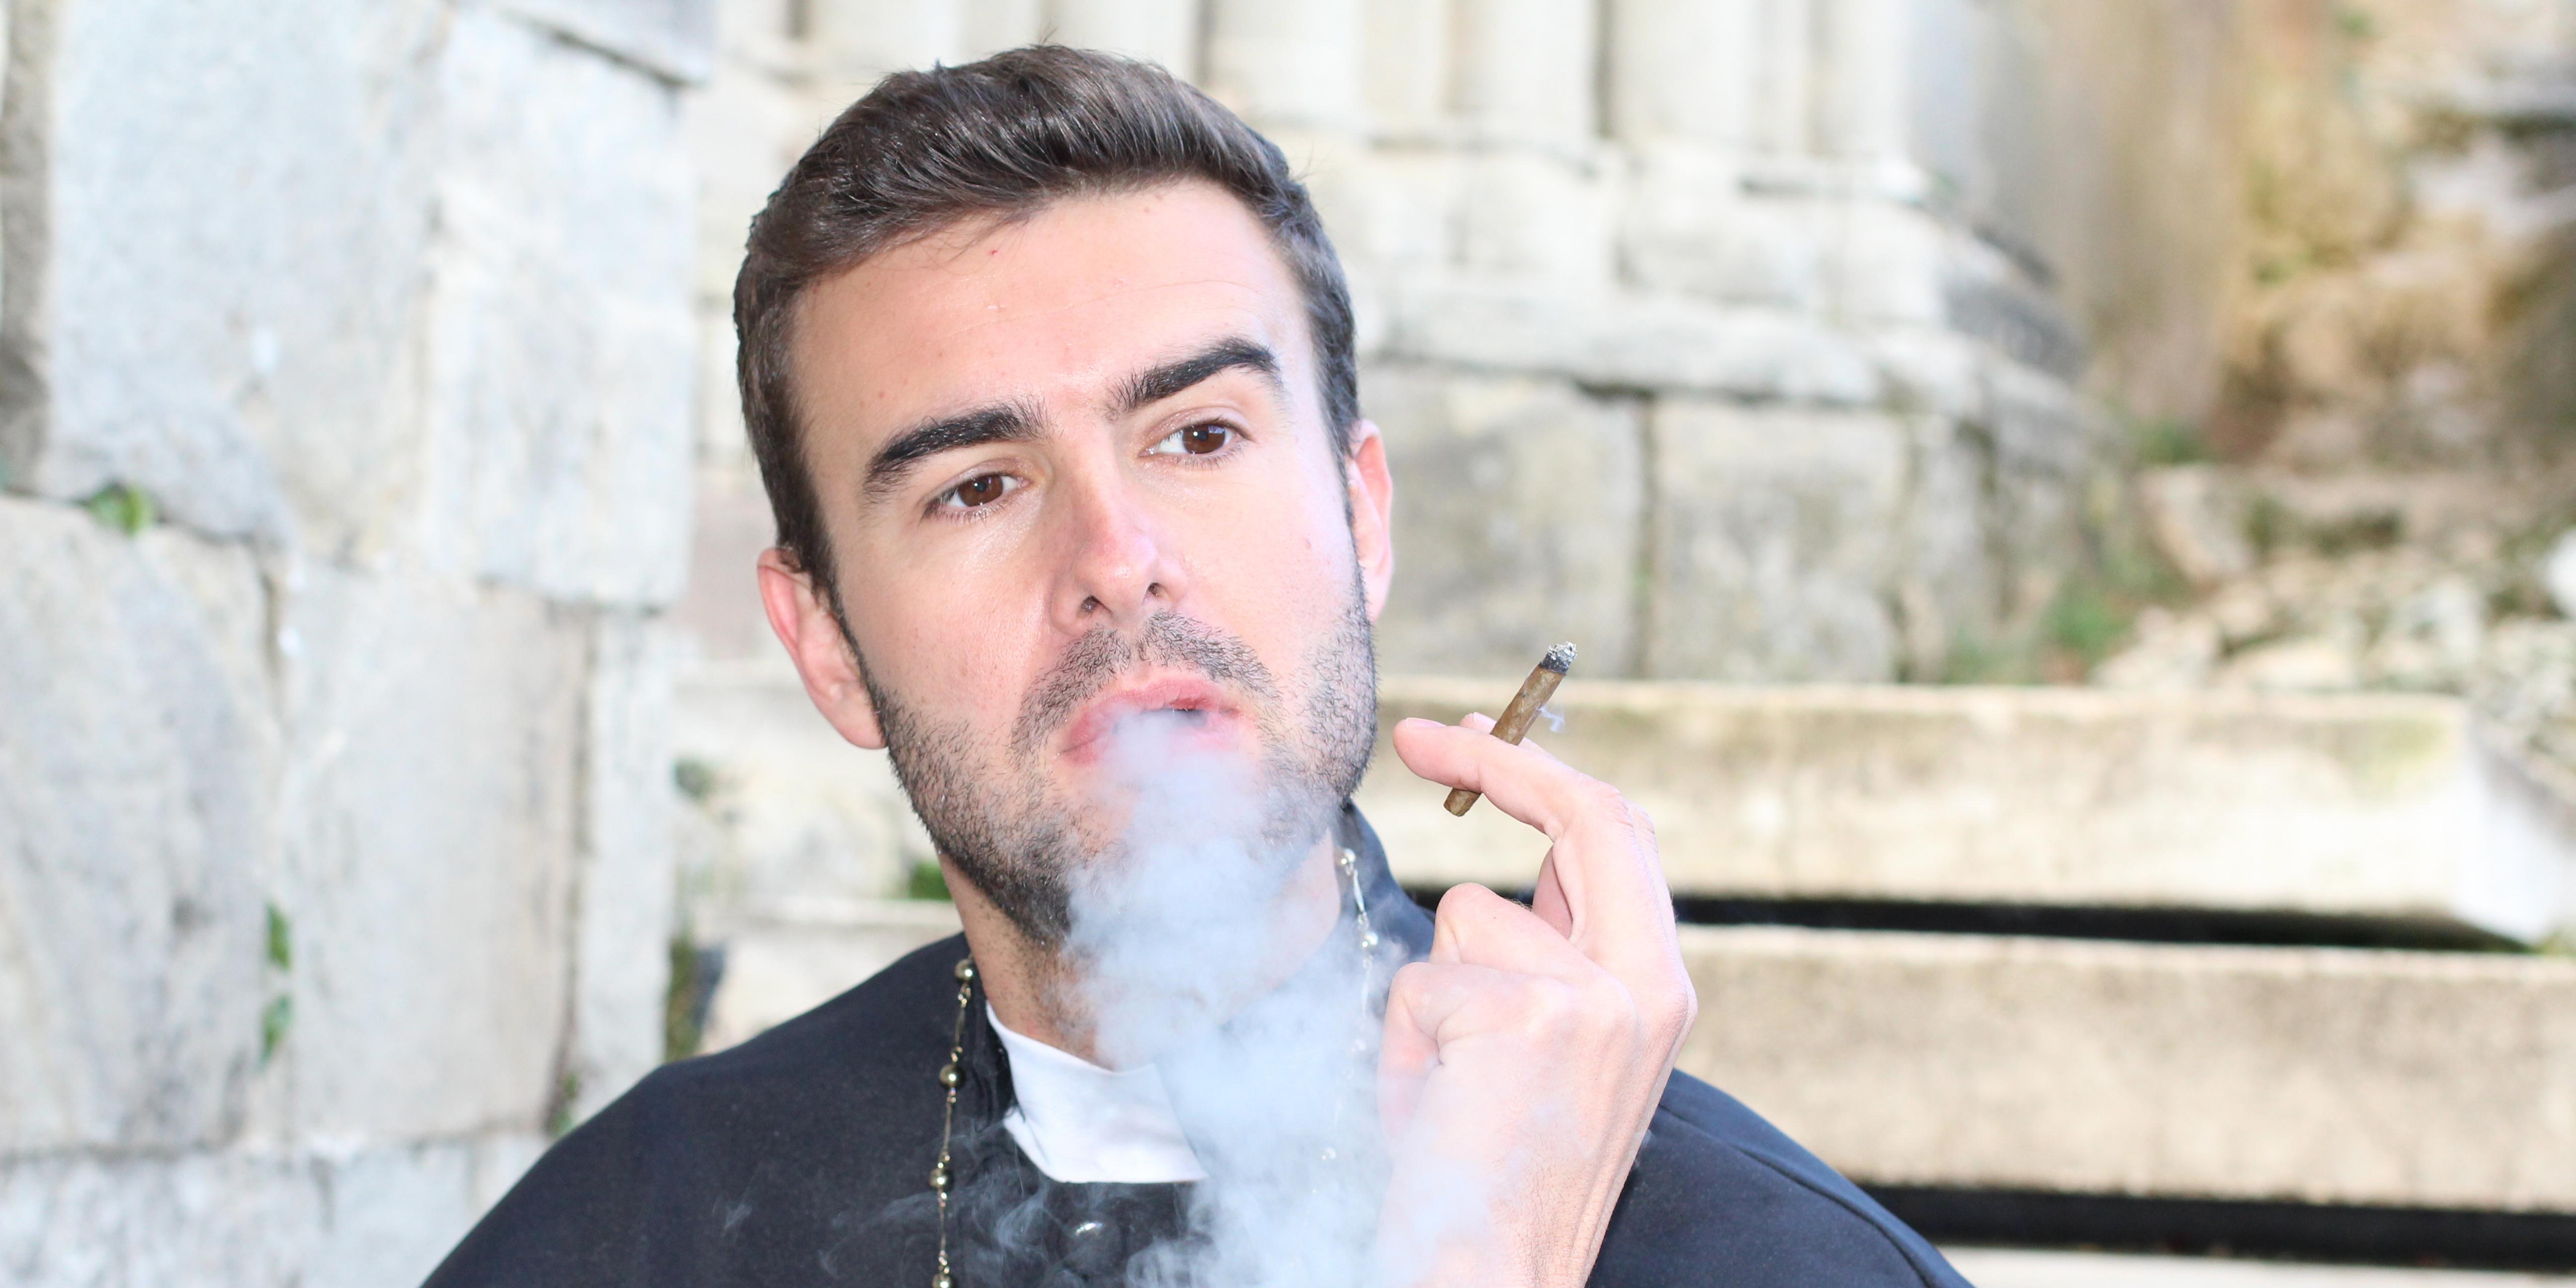 PRIEST SMOKING